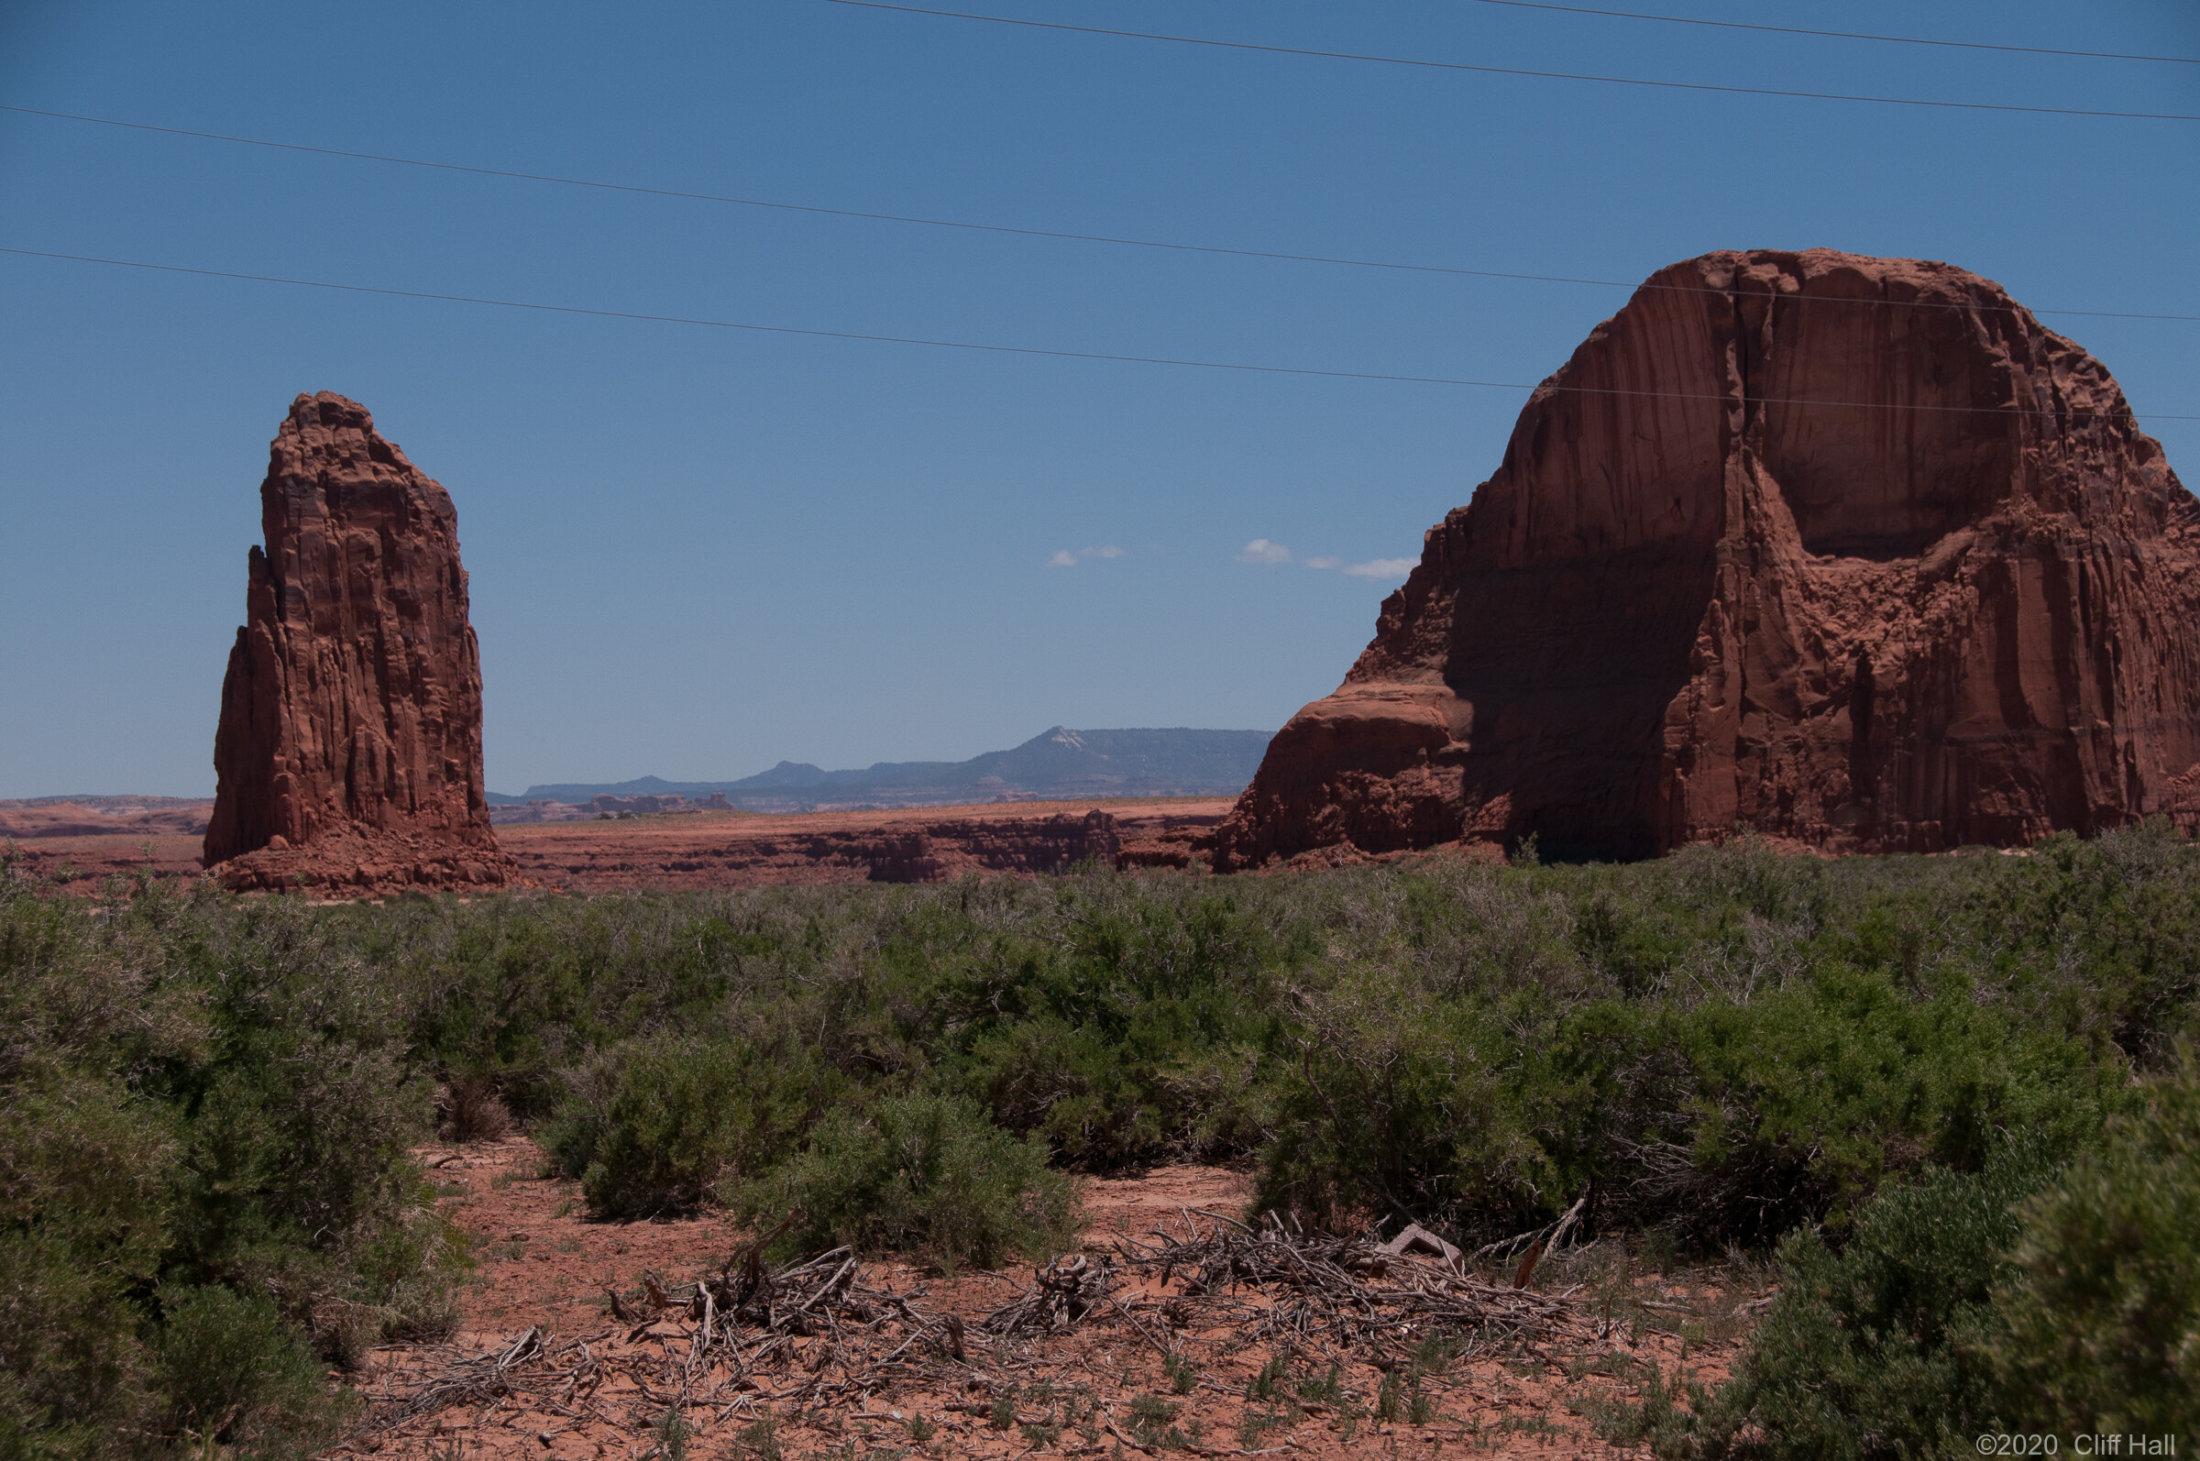 Northeastern Arizona